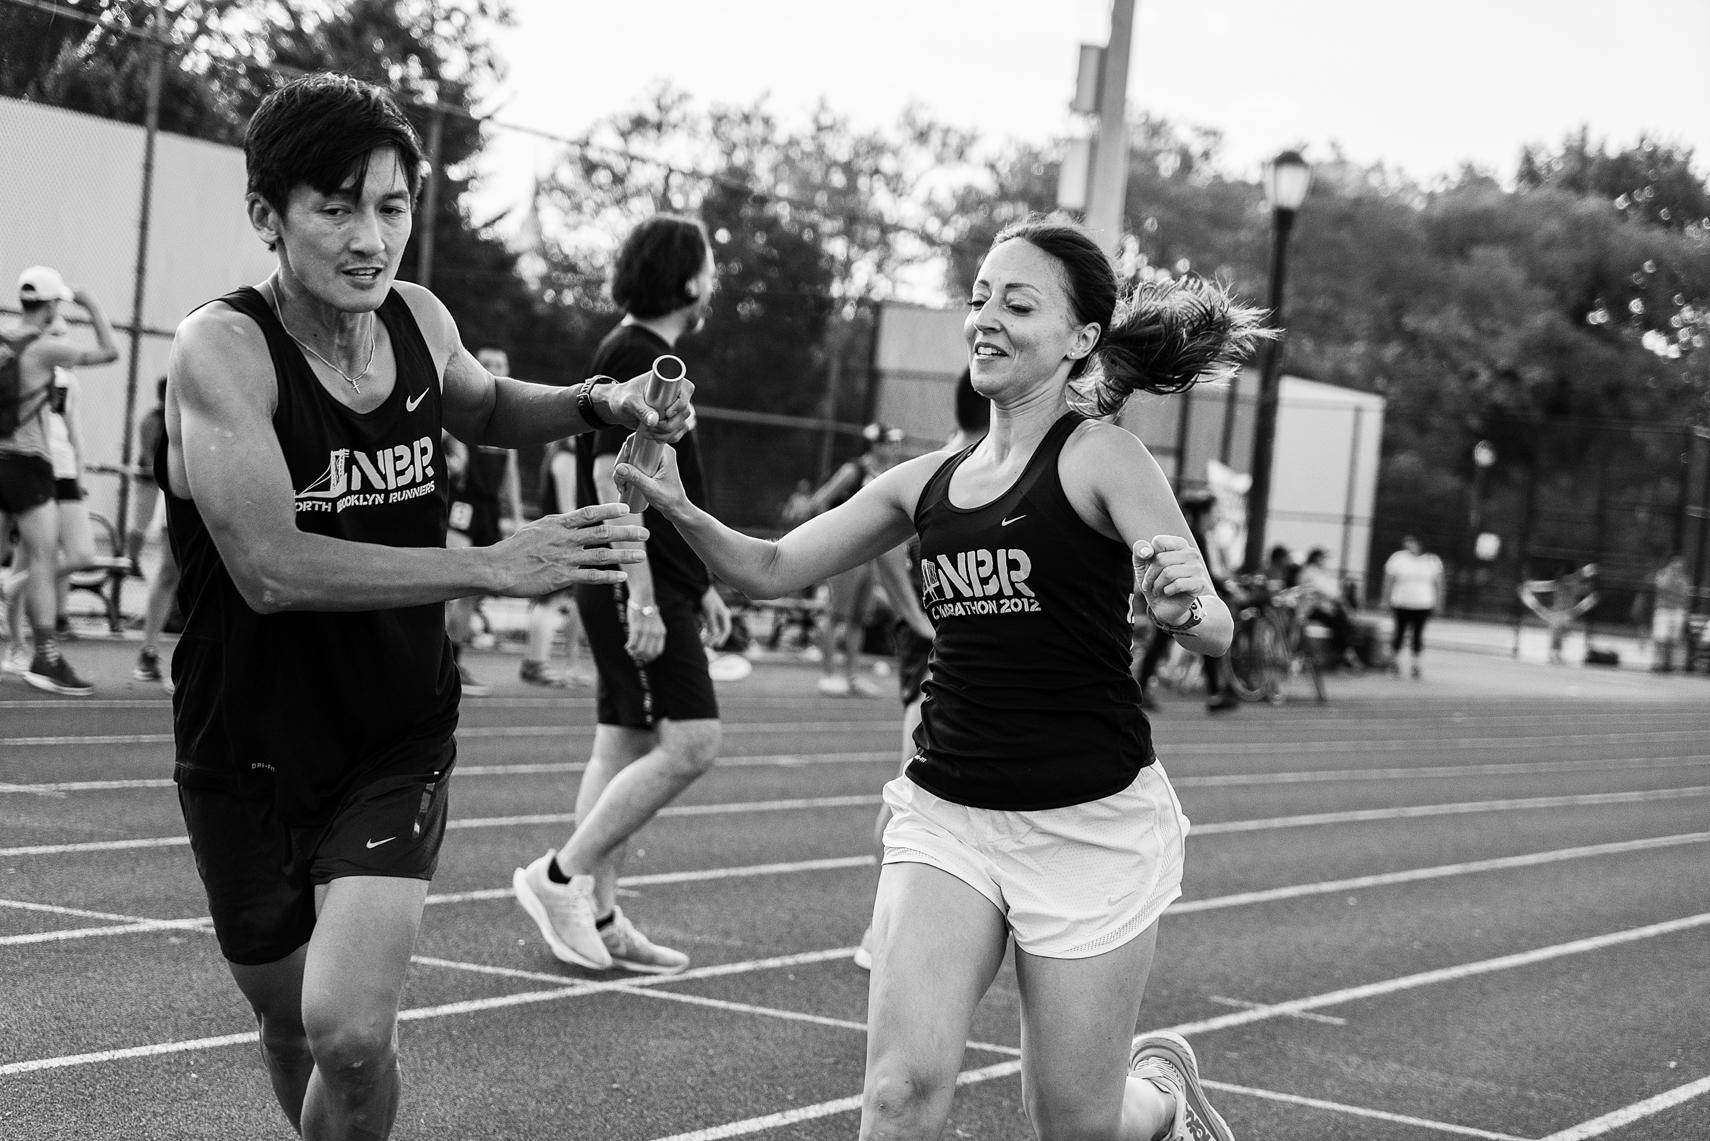 NBR McCarren Track Meet 2019-071219-Drew-ReynoldsDSC00293.jpg